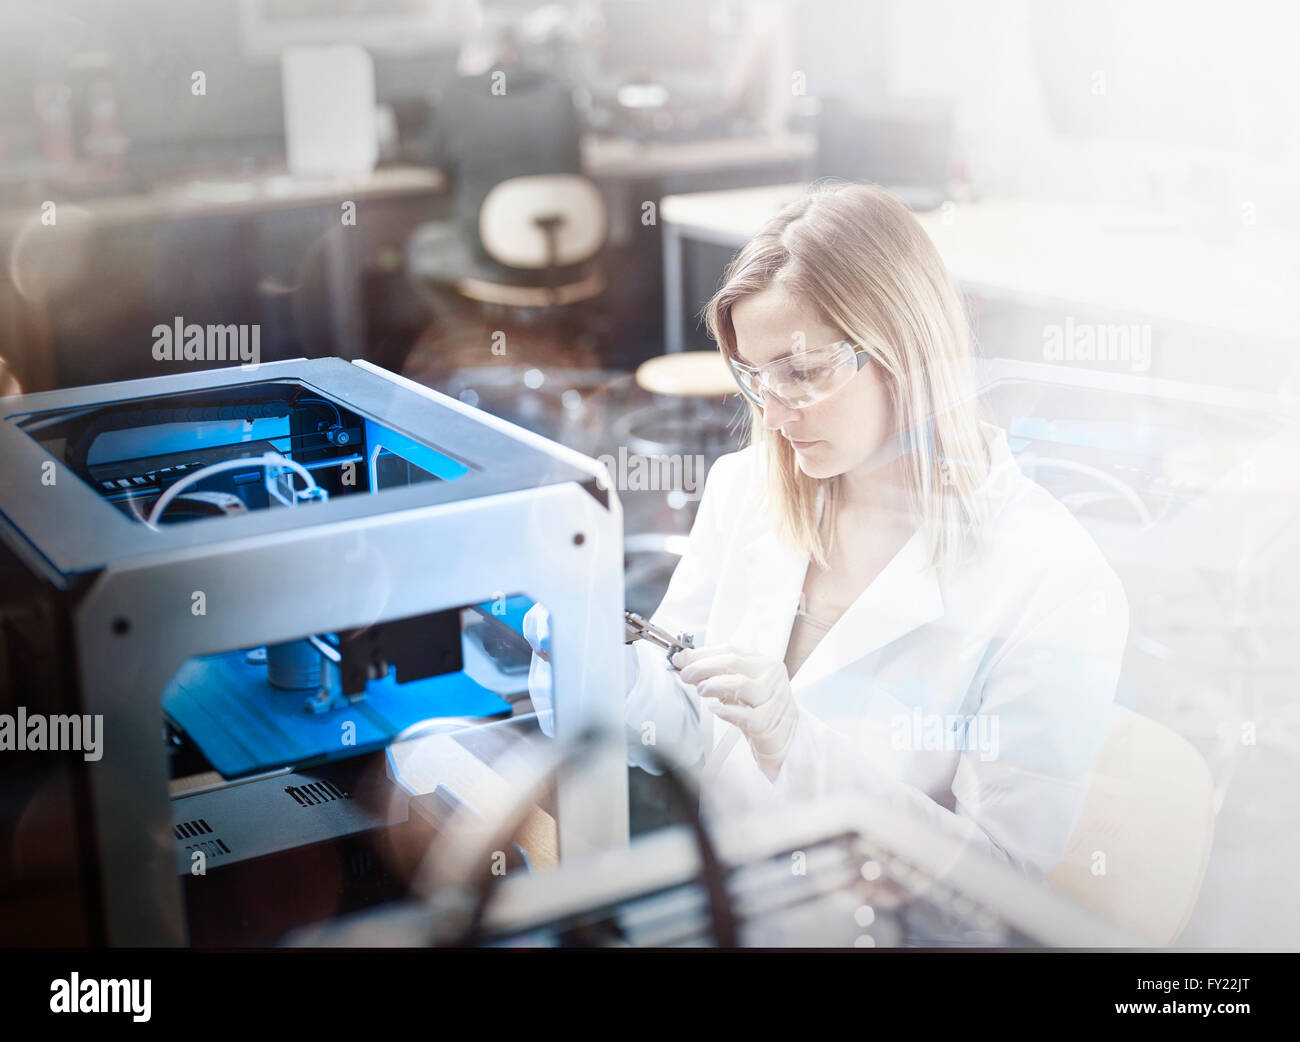 Técnico hembra, 25-30 años, en bata blanca de laboratorio y gafas, el control del proceso de impresión Imagen De Stock